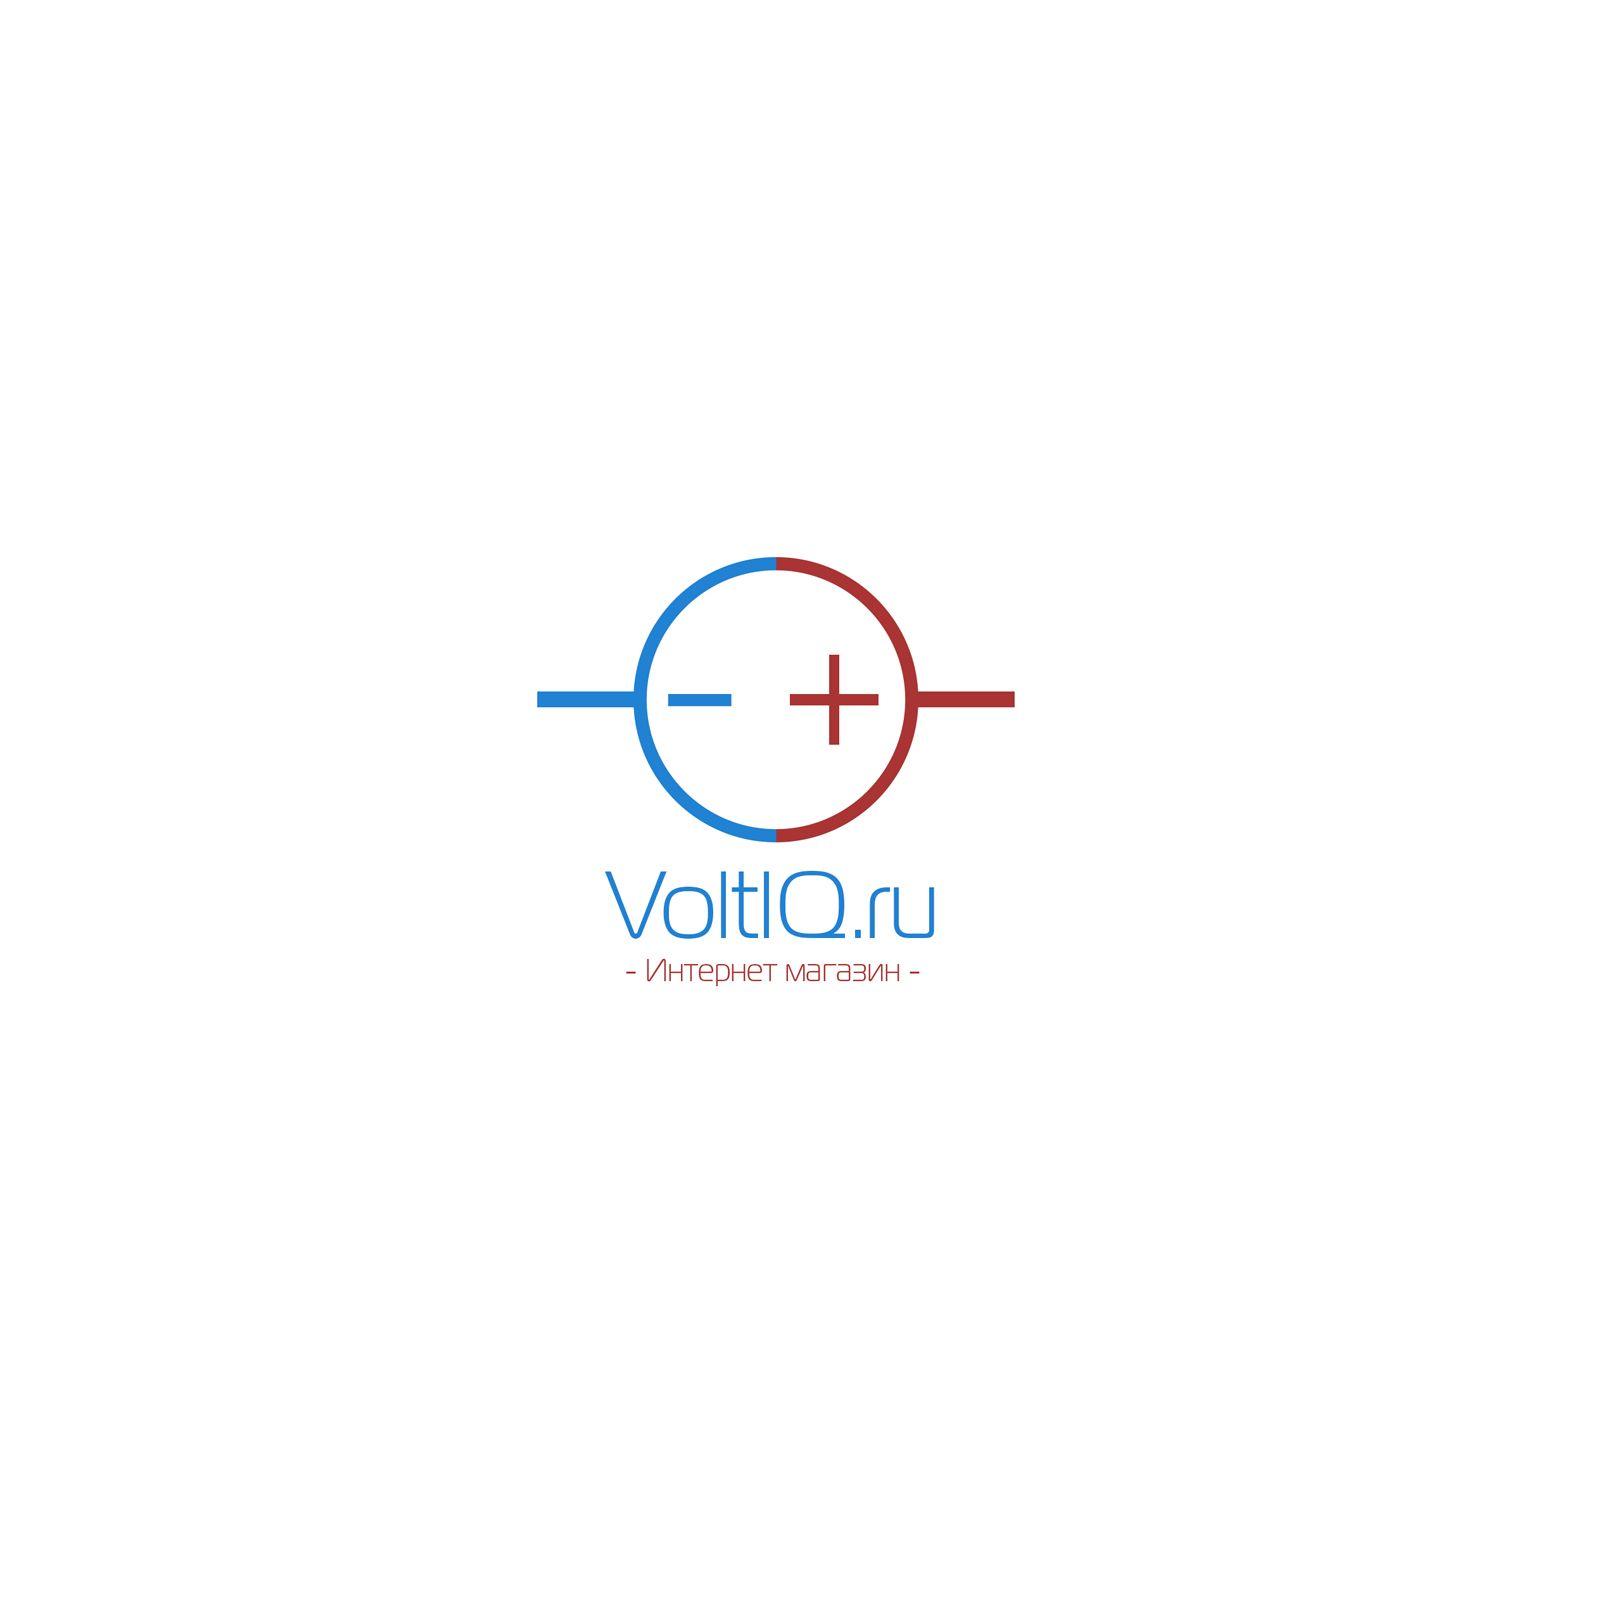 Логотип для Интернет-магазин Вольтик (VoltIQ.ru) - дизайнер Ileezyy